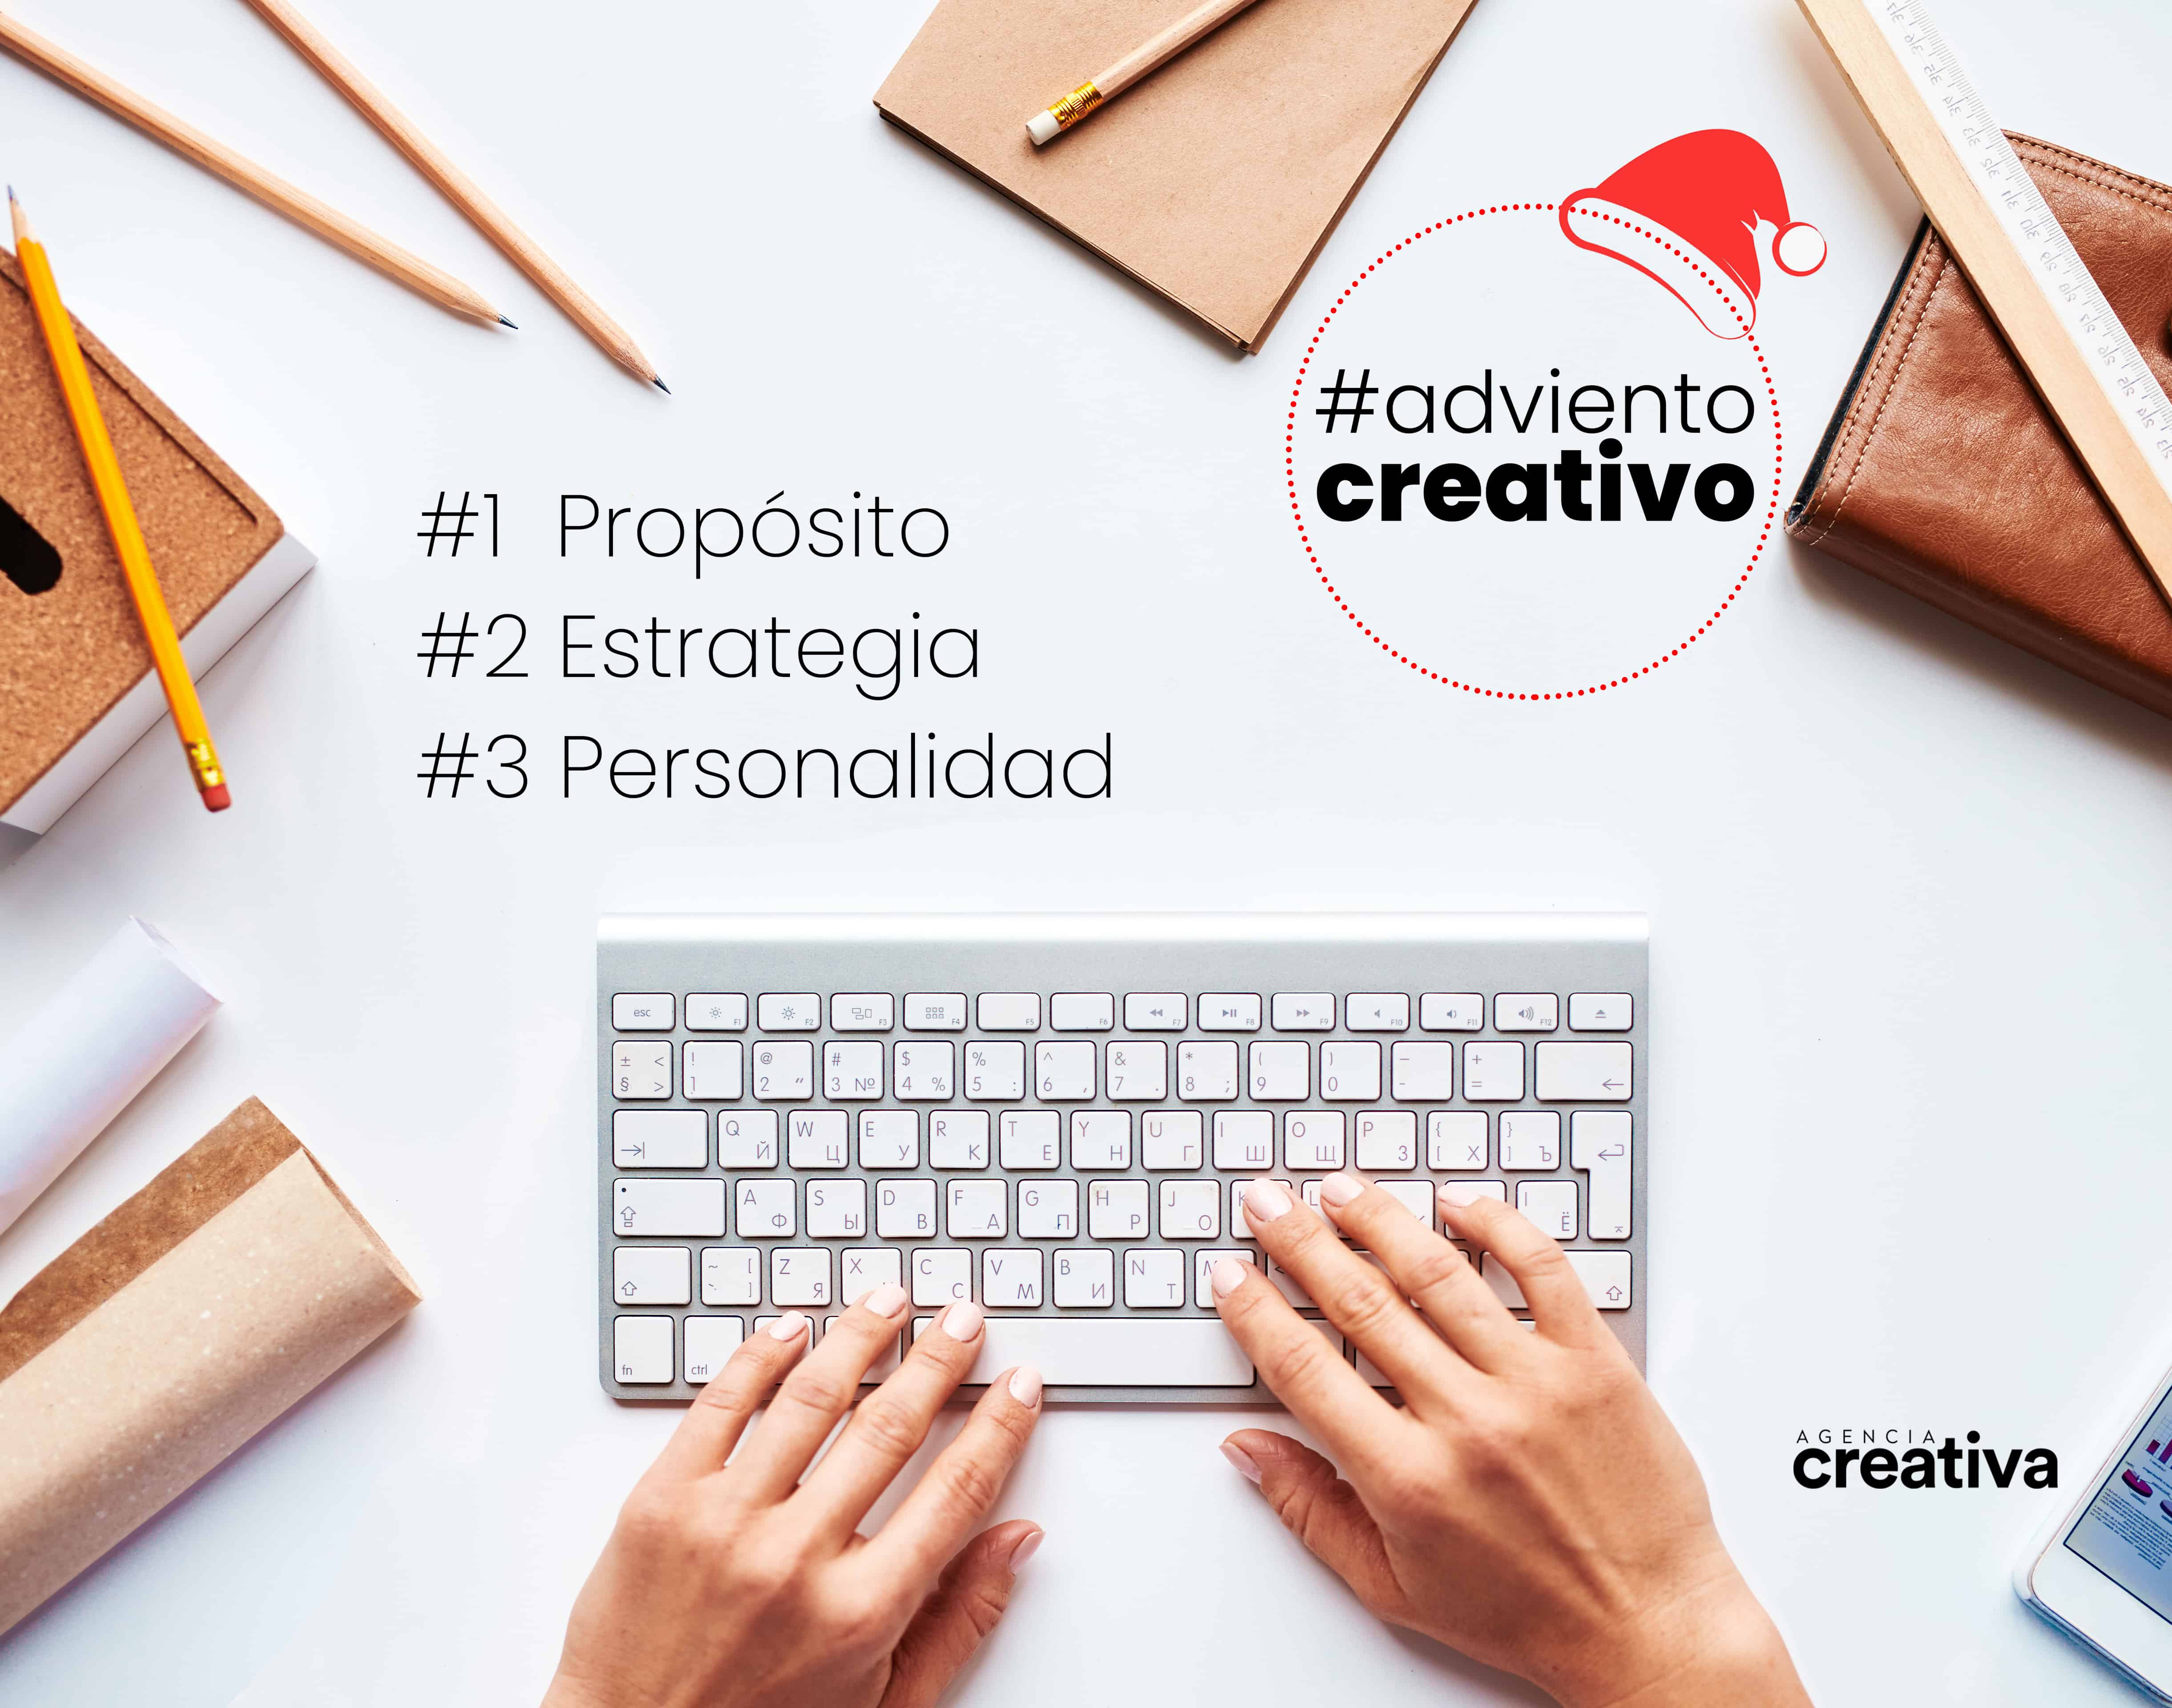 Adviento Creativo 2019: 24 tips de comunicación 1